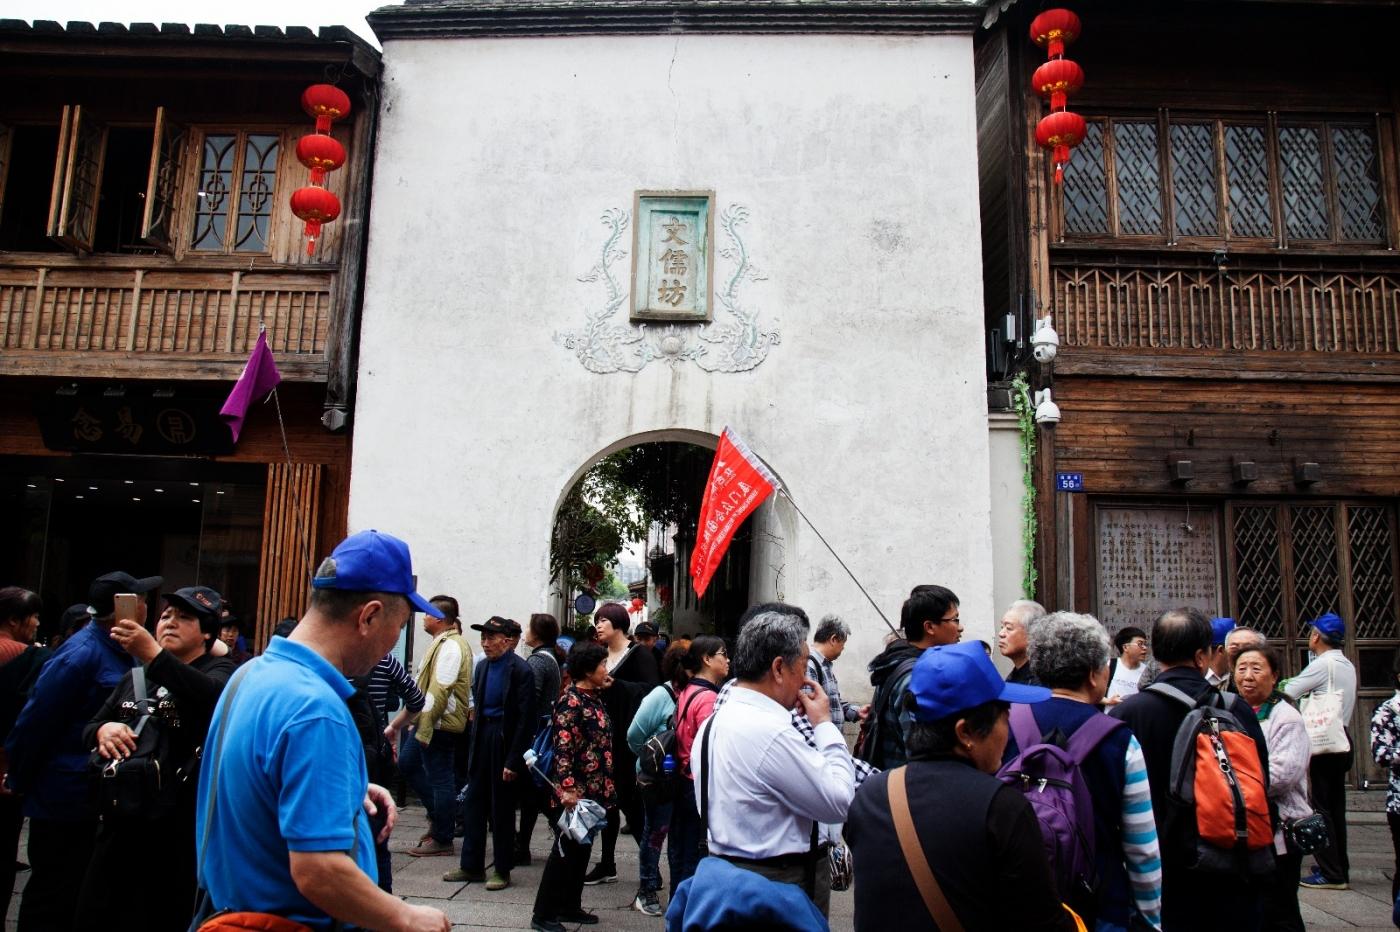 三坊七巷是福州市的旅游胜地_图1-8